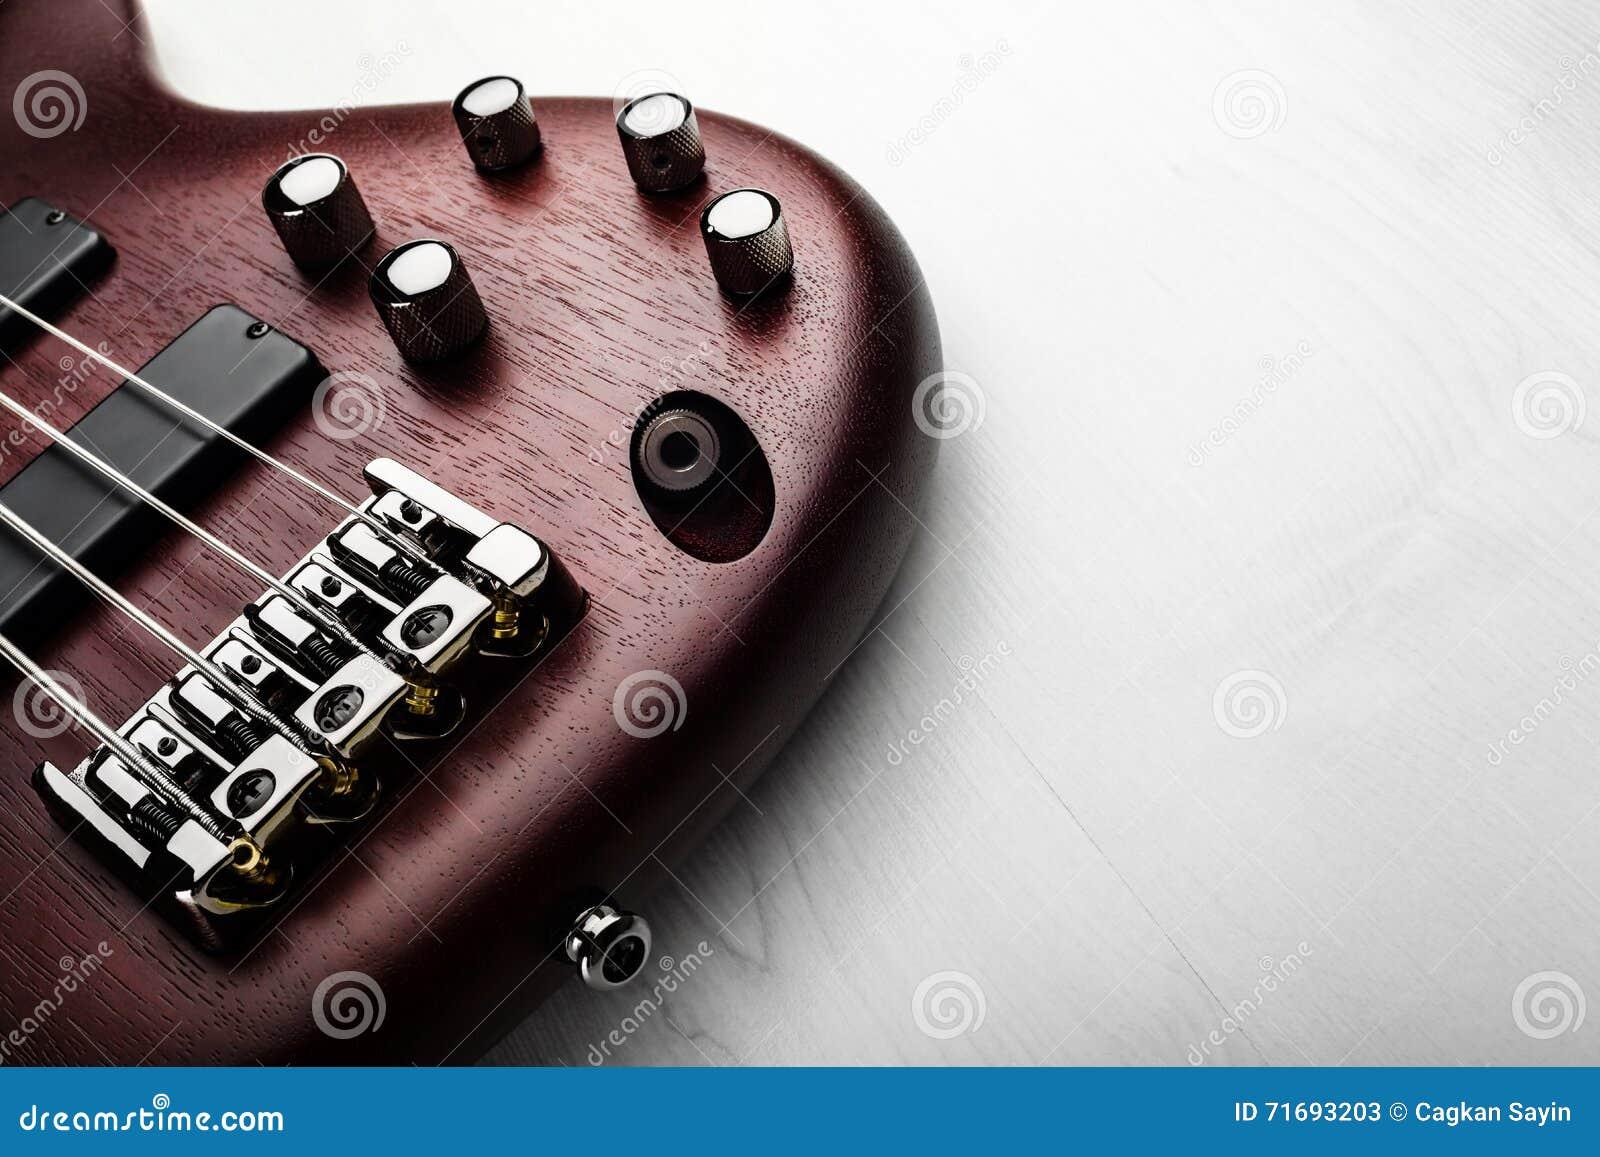 2011 zespołu basowej Dubai festiwalu szarej gitary międzynarodowy jazzowy macy spełnianie